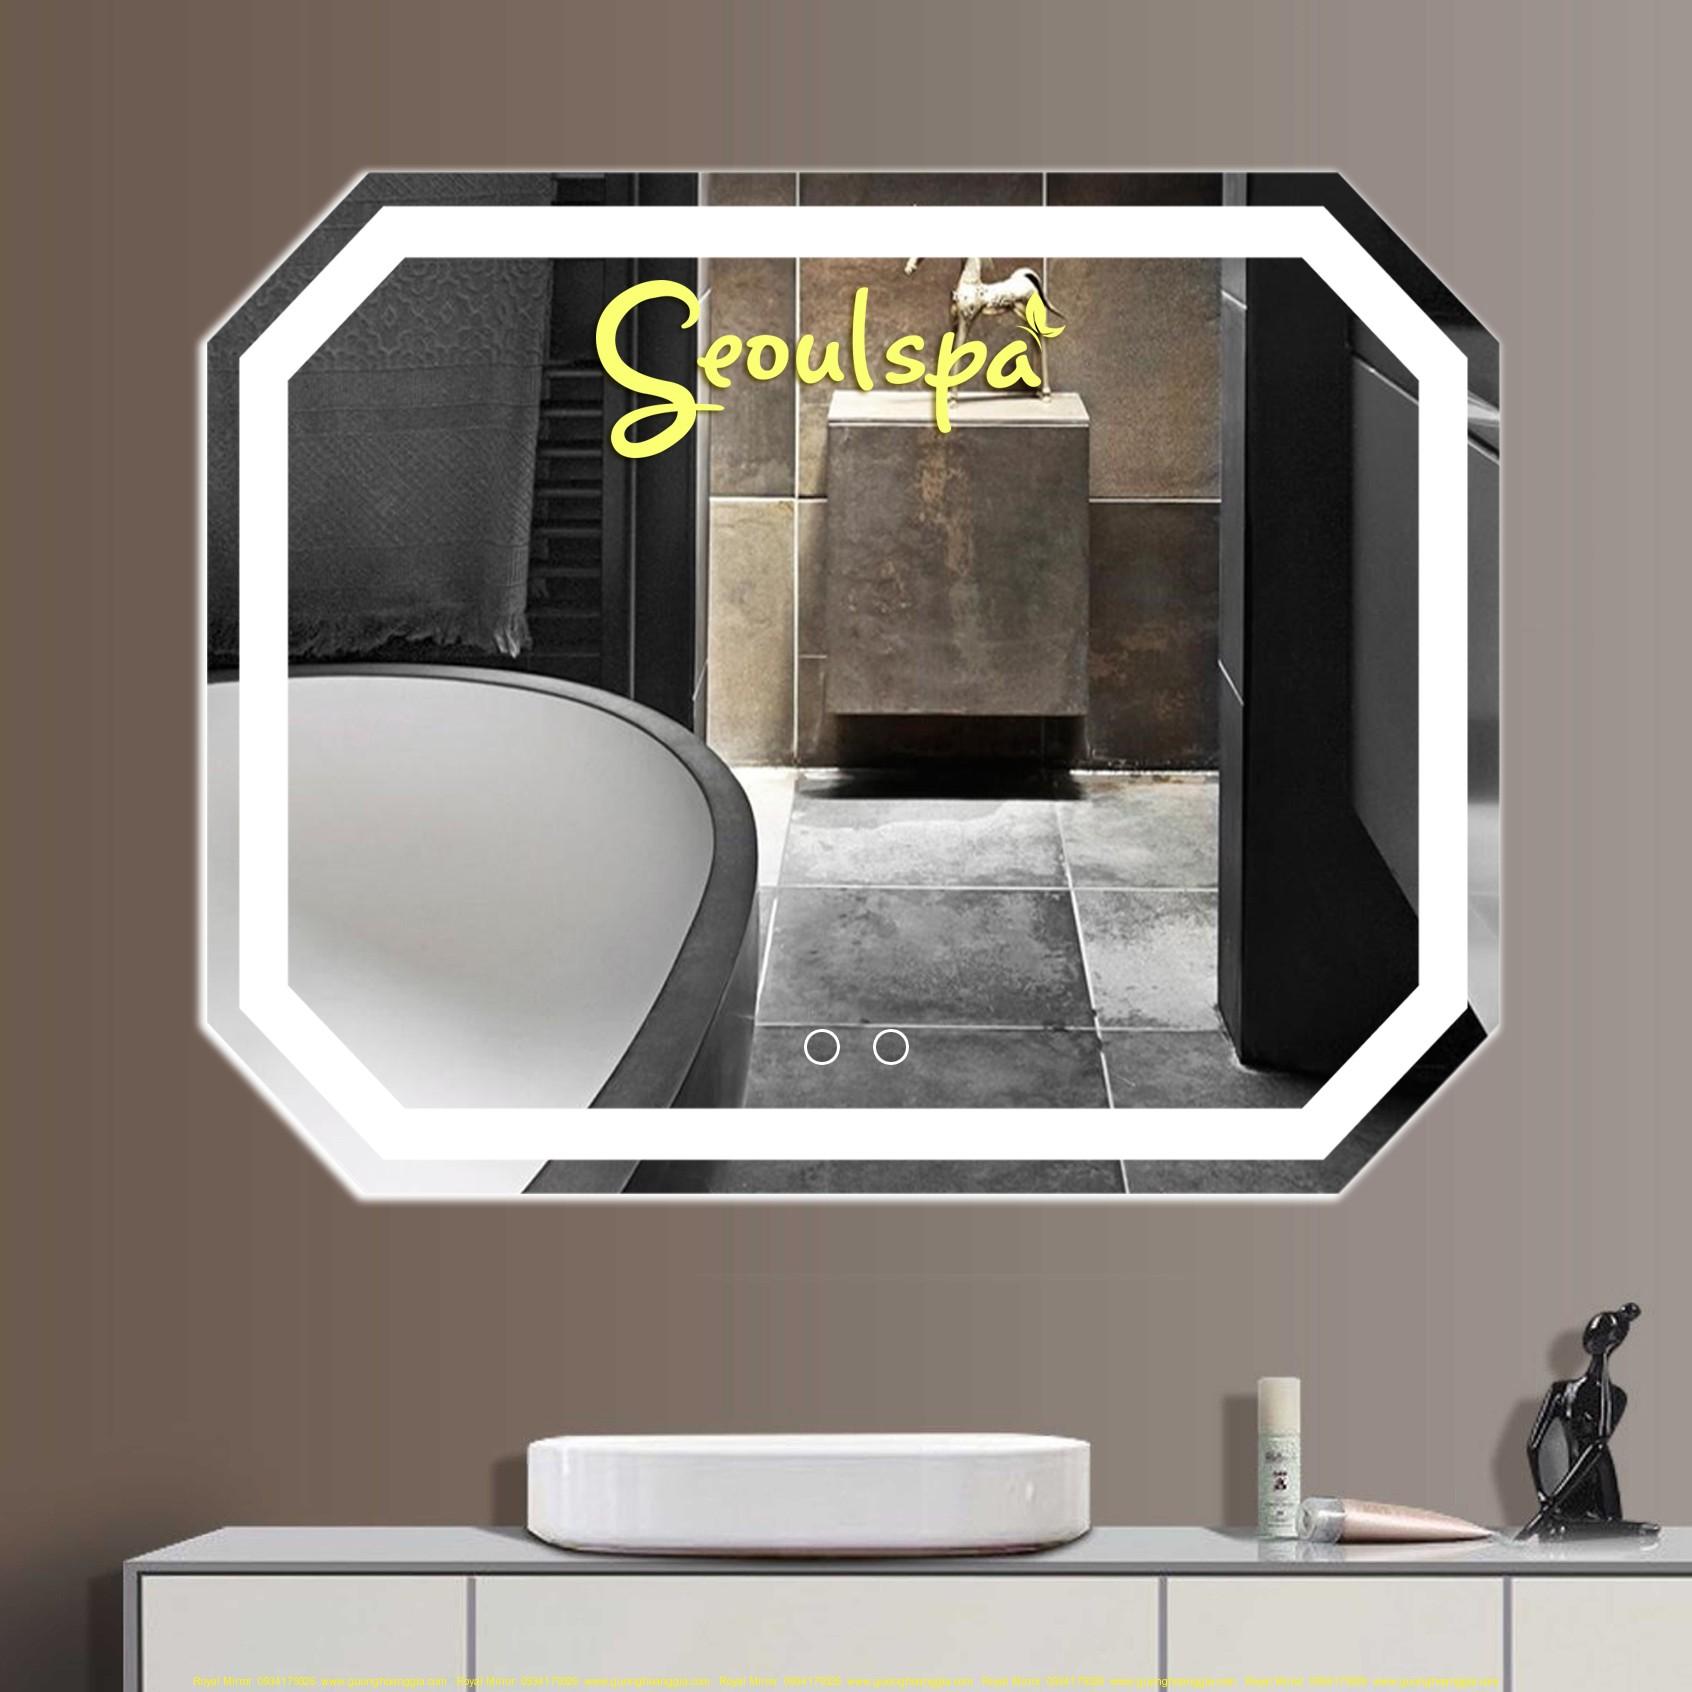 Gương Spa đèn LED cảm ứng cao cấp chế tác trên gương Bỉ cùng công nghệ phủ PVC sơn gia cường chống ố 200%